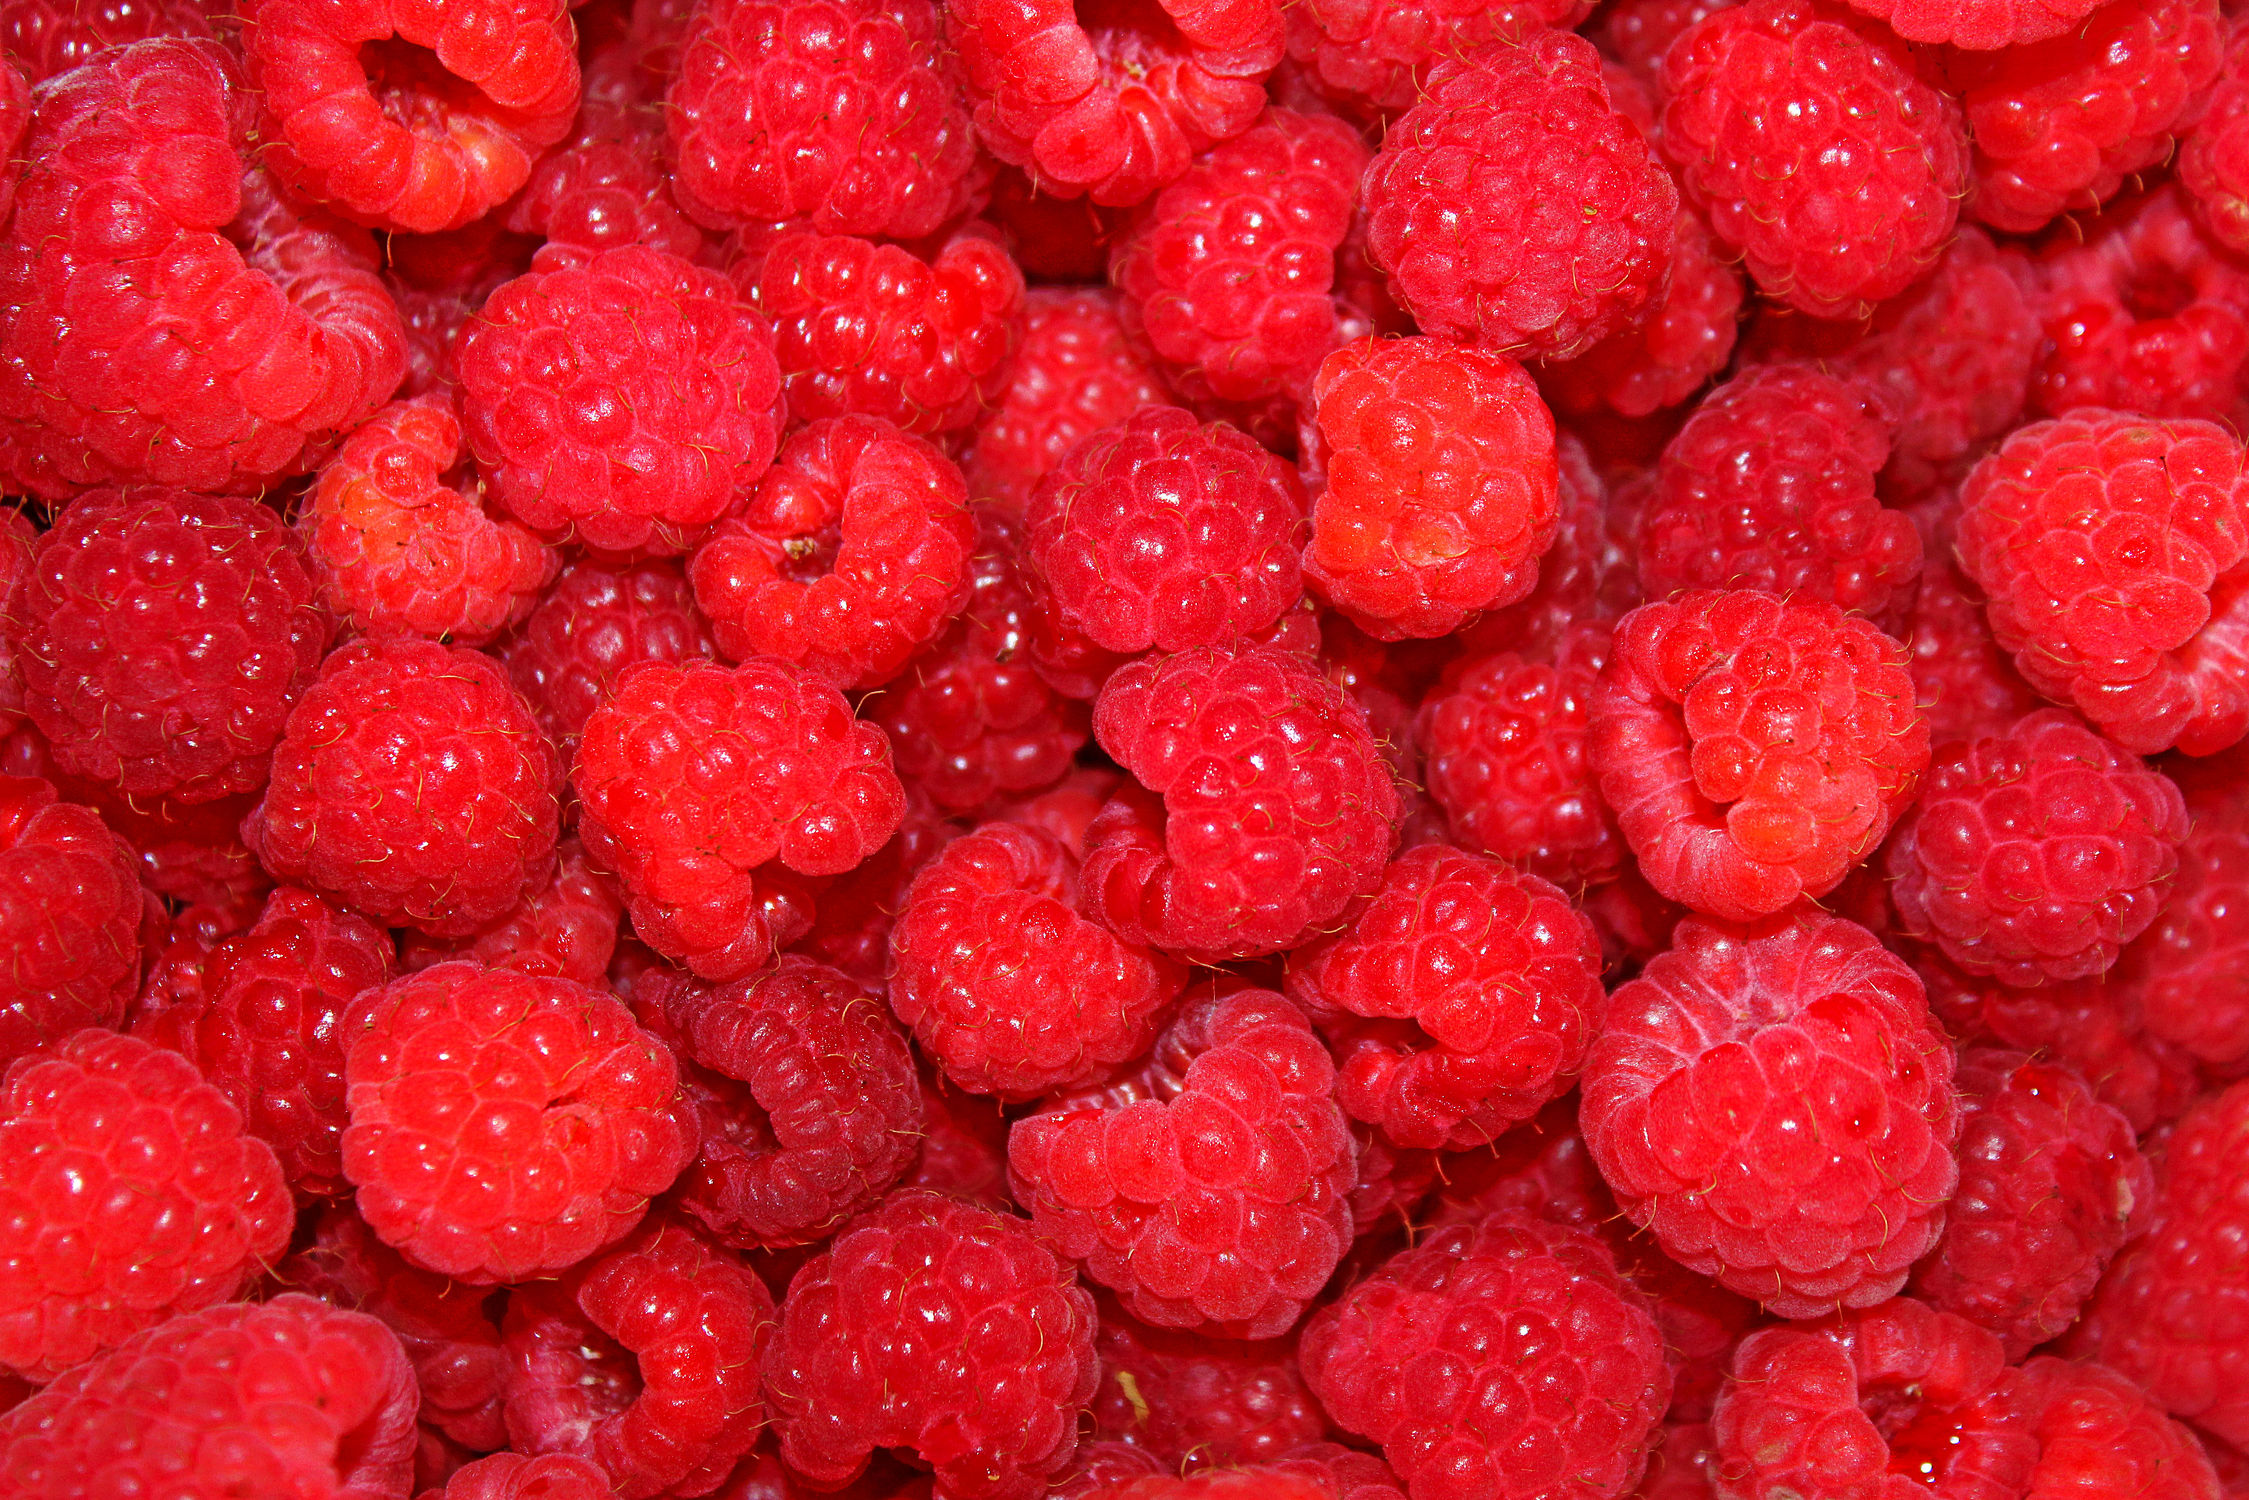 Bild mit Früchte, Lebensmittel, Essen, Rot, Frucht, Obst, Himbeere, Himbeeren, Küchenbilder, Küche